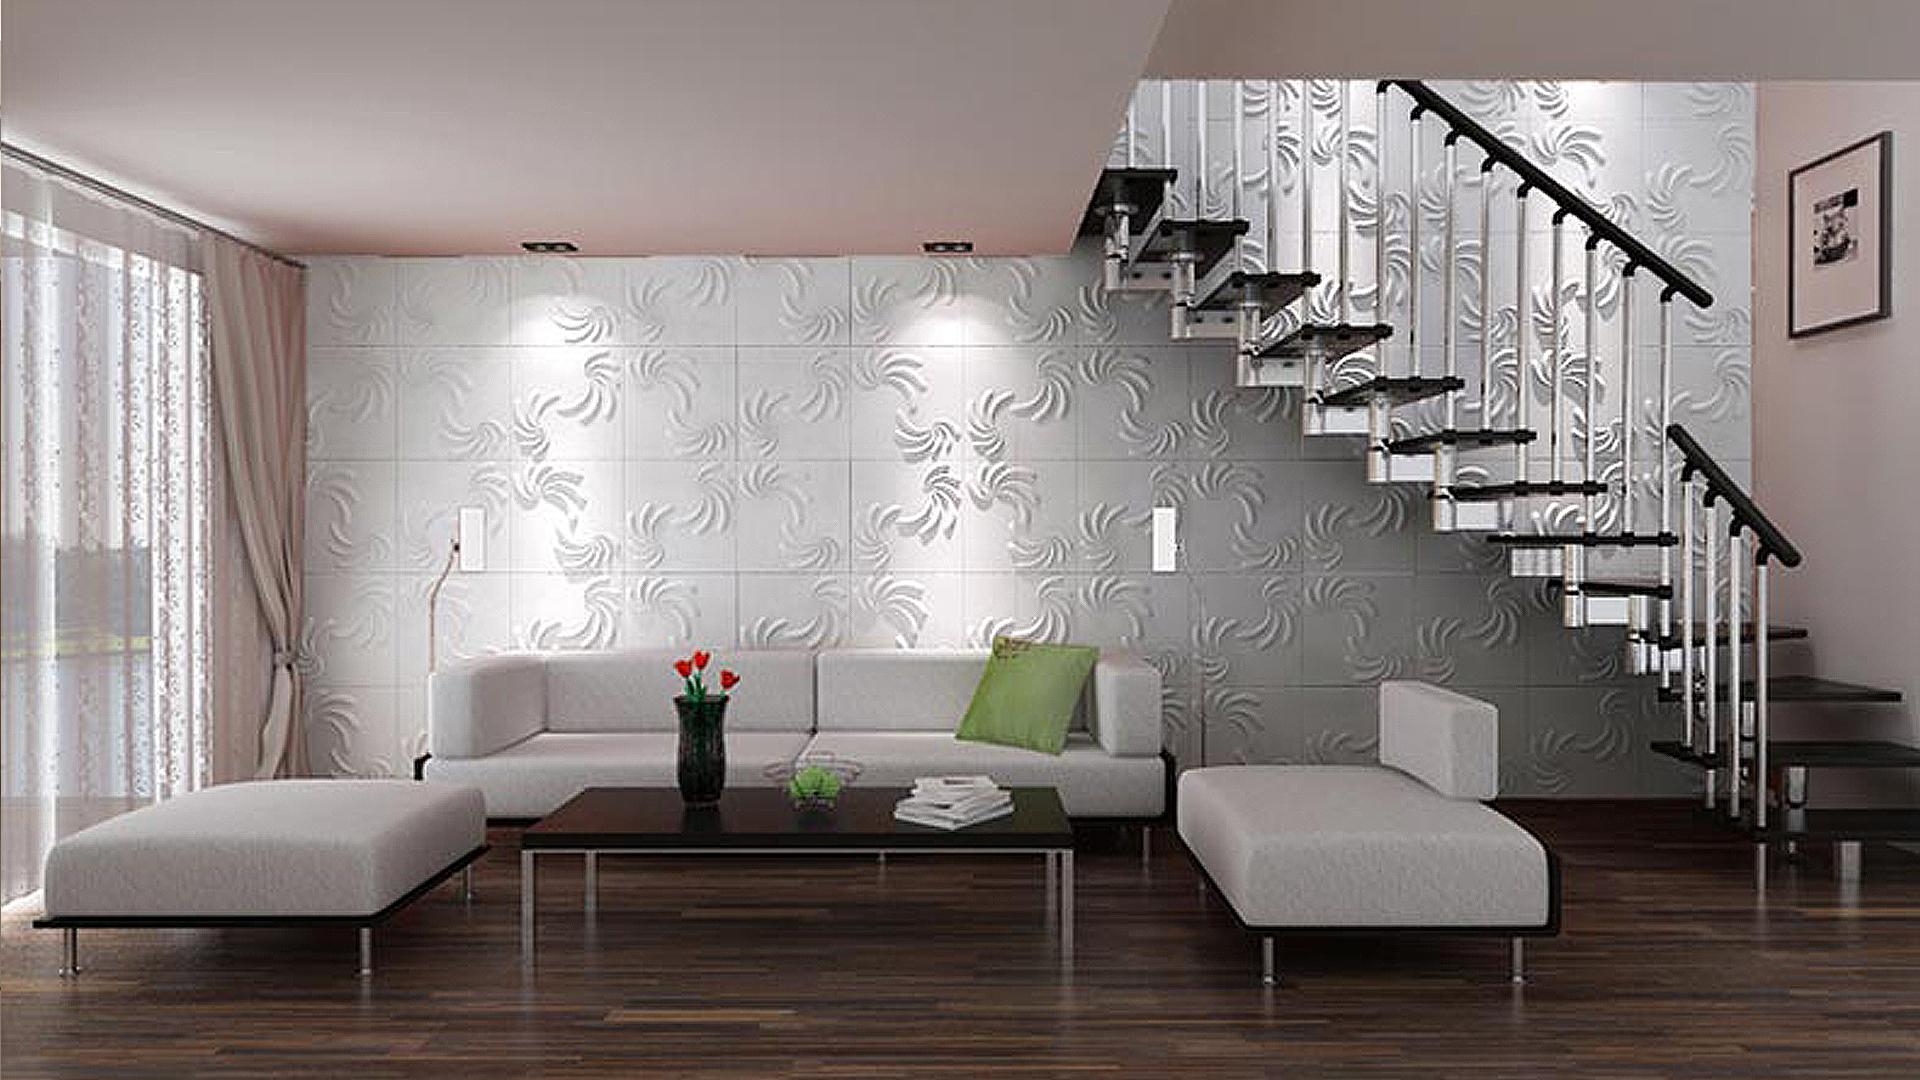 flur und treppenhaus • 3d wandpaneele | deckenpaneele, Innenarchitektur ideen